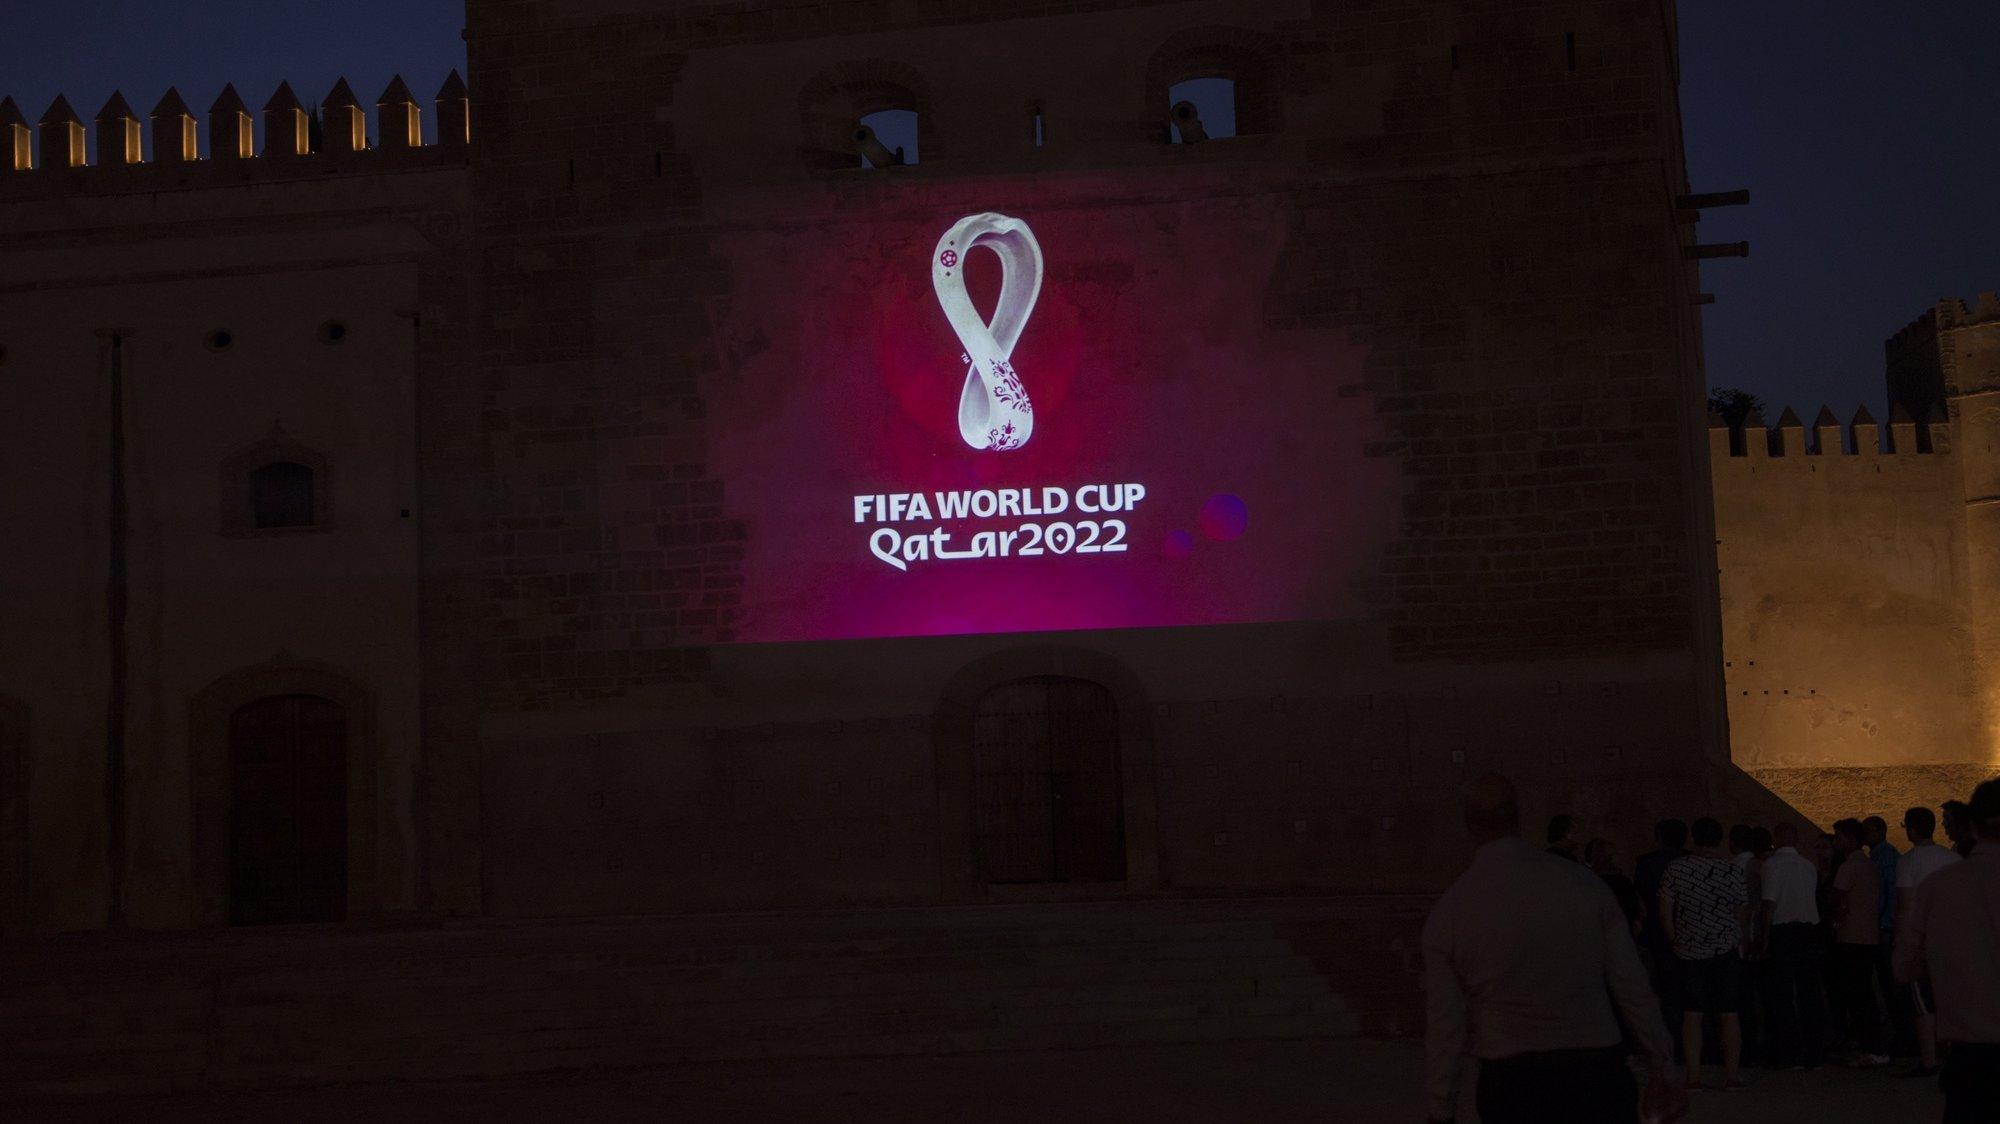 Emblema oficial do Mundial de 2022, que se irá realizar no Qatar.